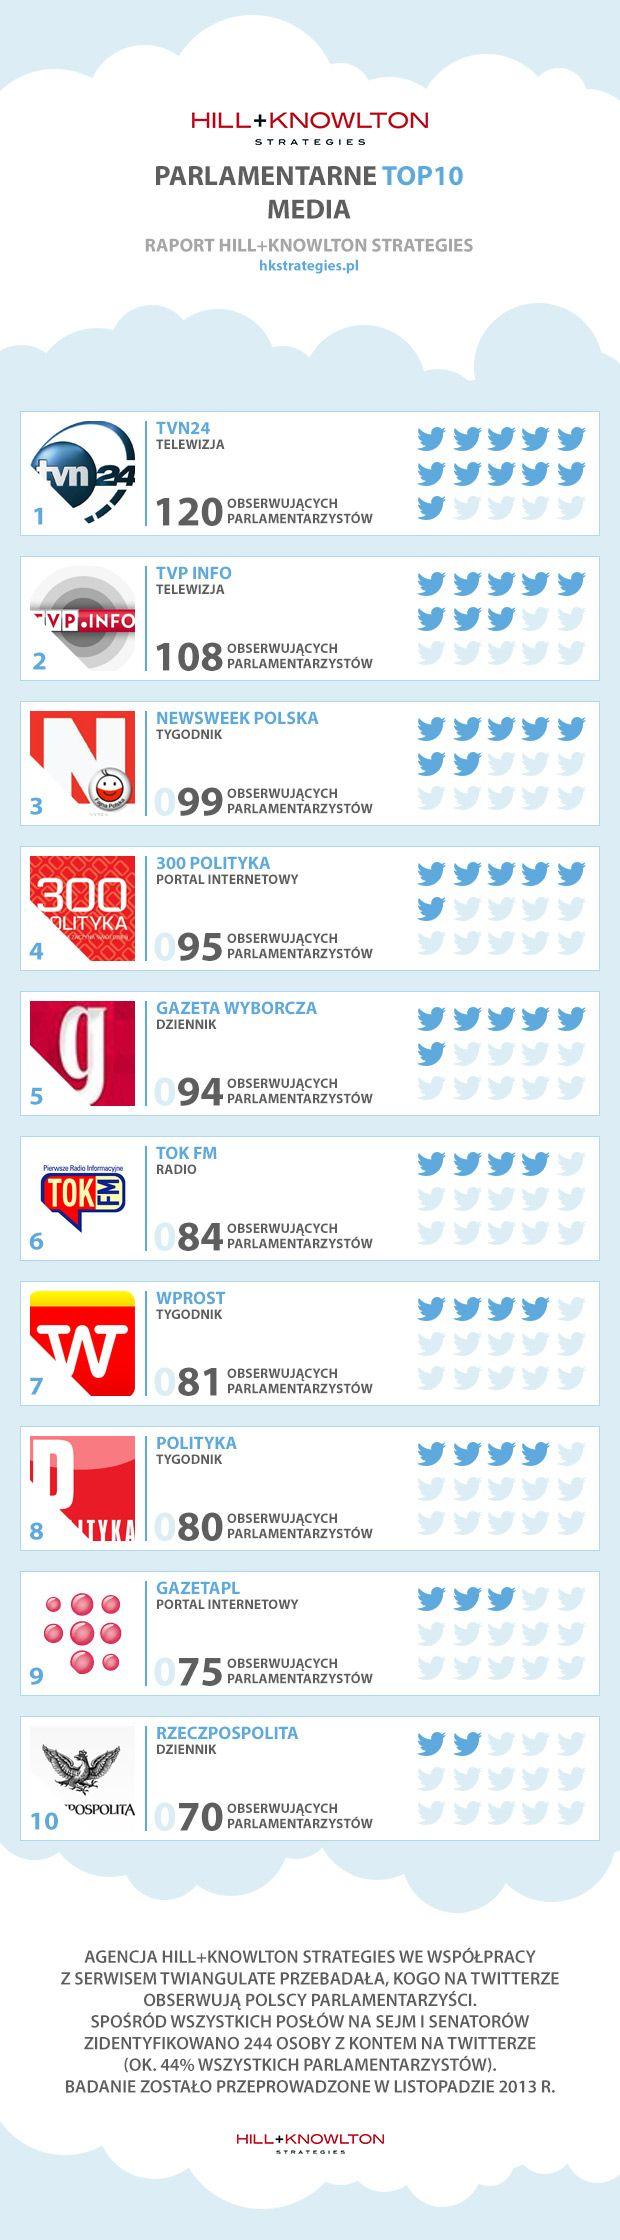 Polscy politycy na Twitterze